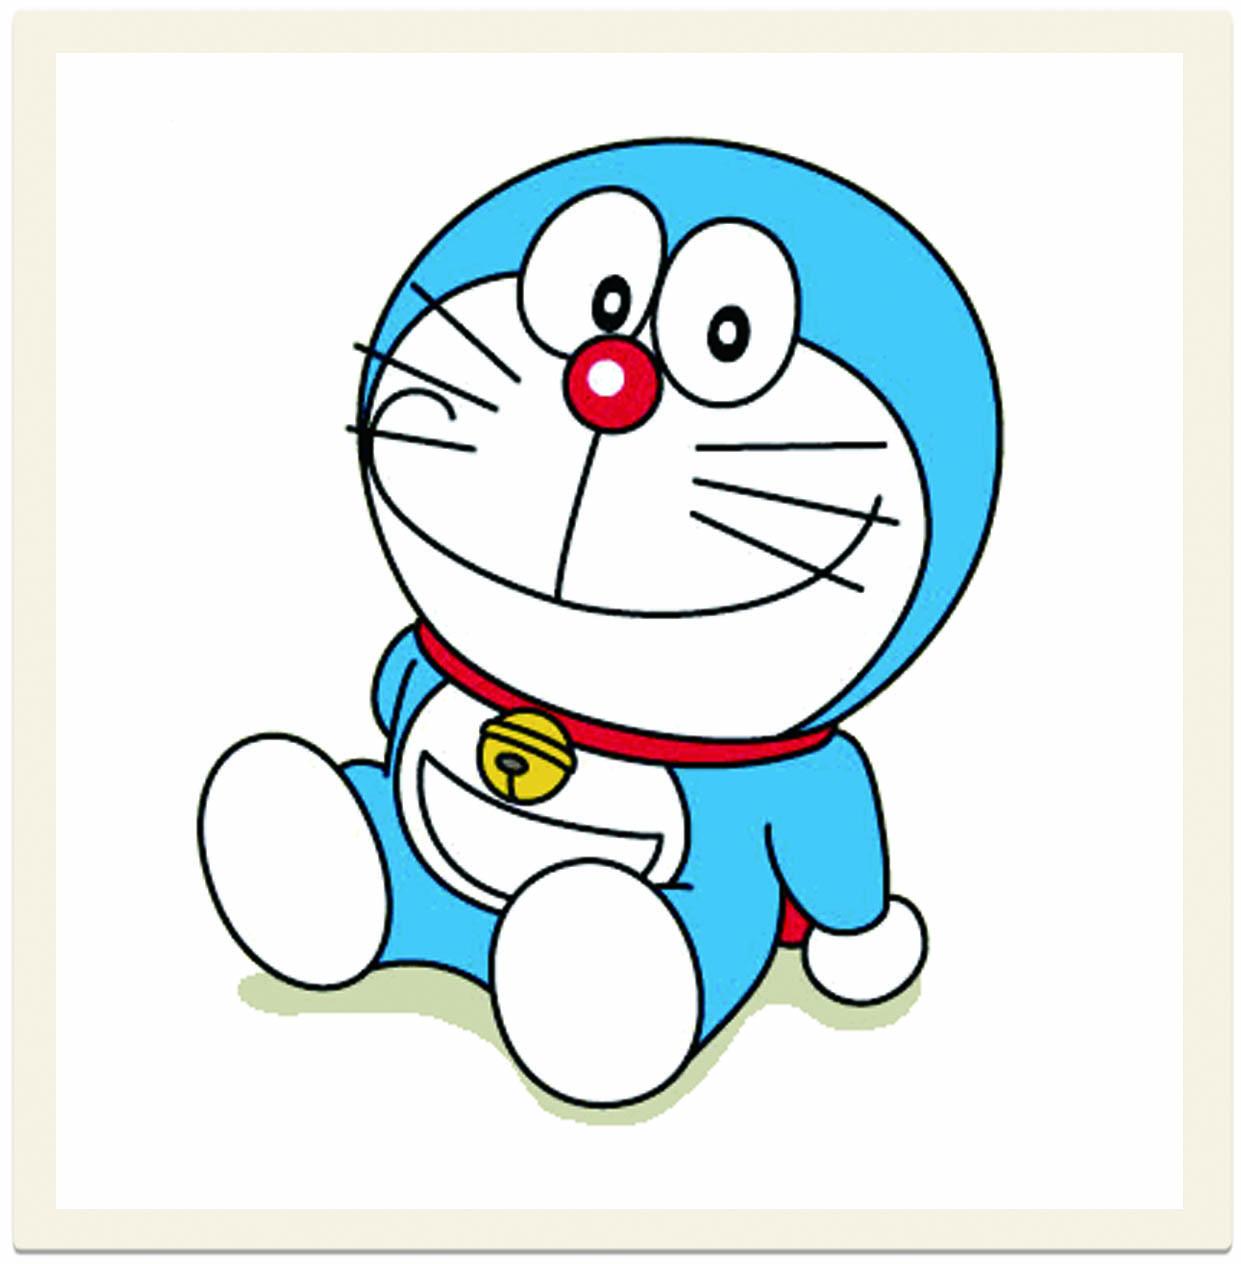 Hình ảnh chú mèo máy Doraemon xinh xắn